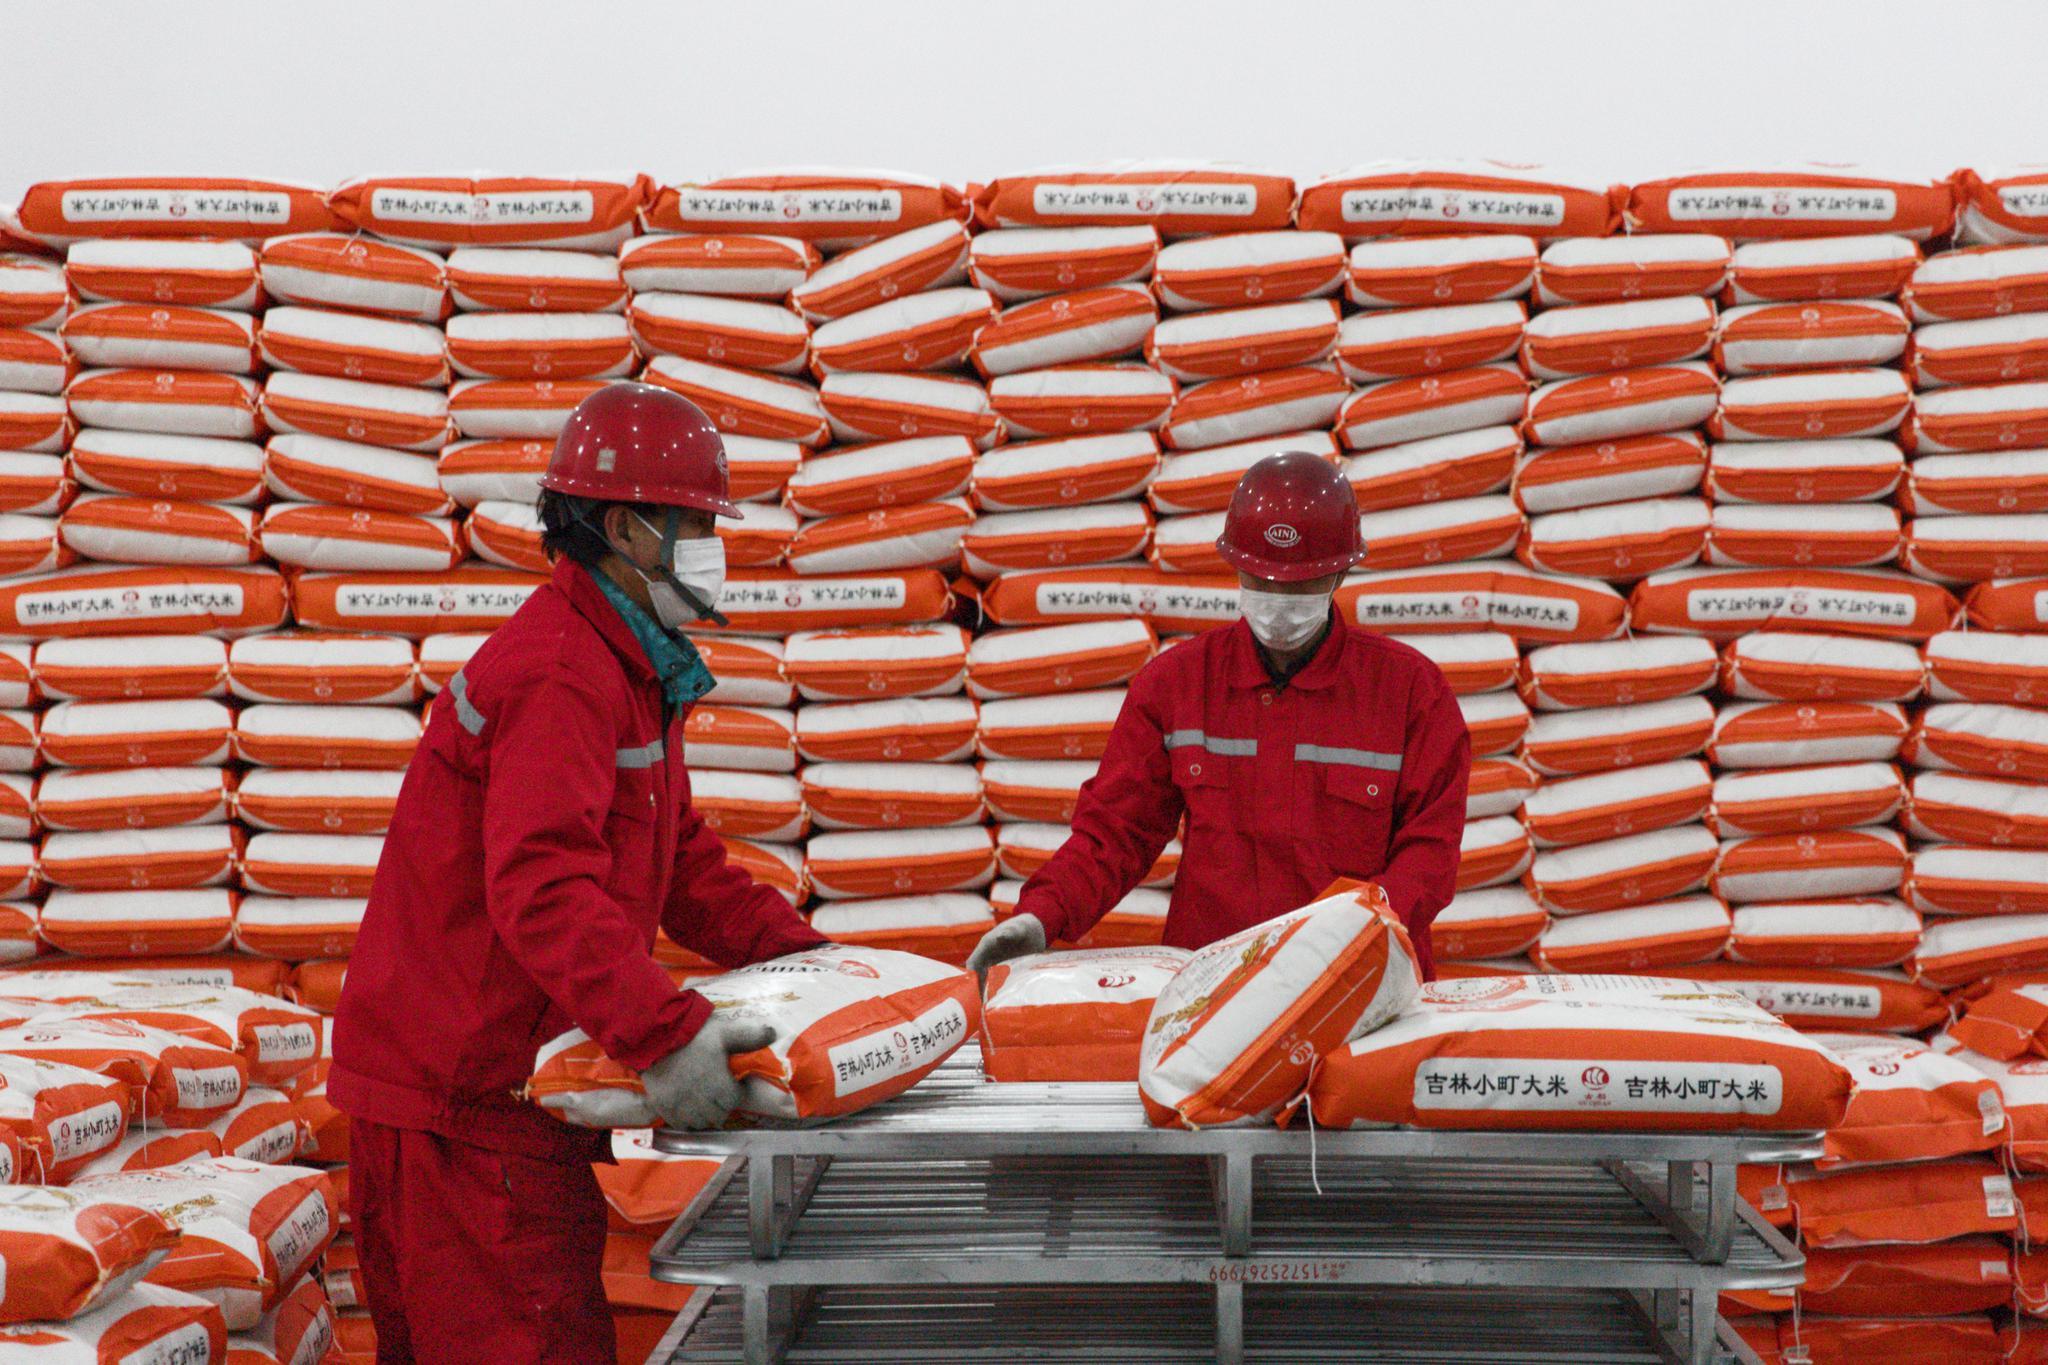 农业部:发扬疾速检测做用 确保农产物实时上市供给